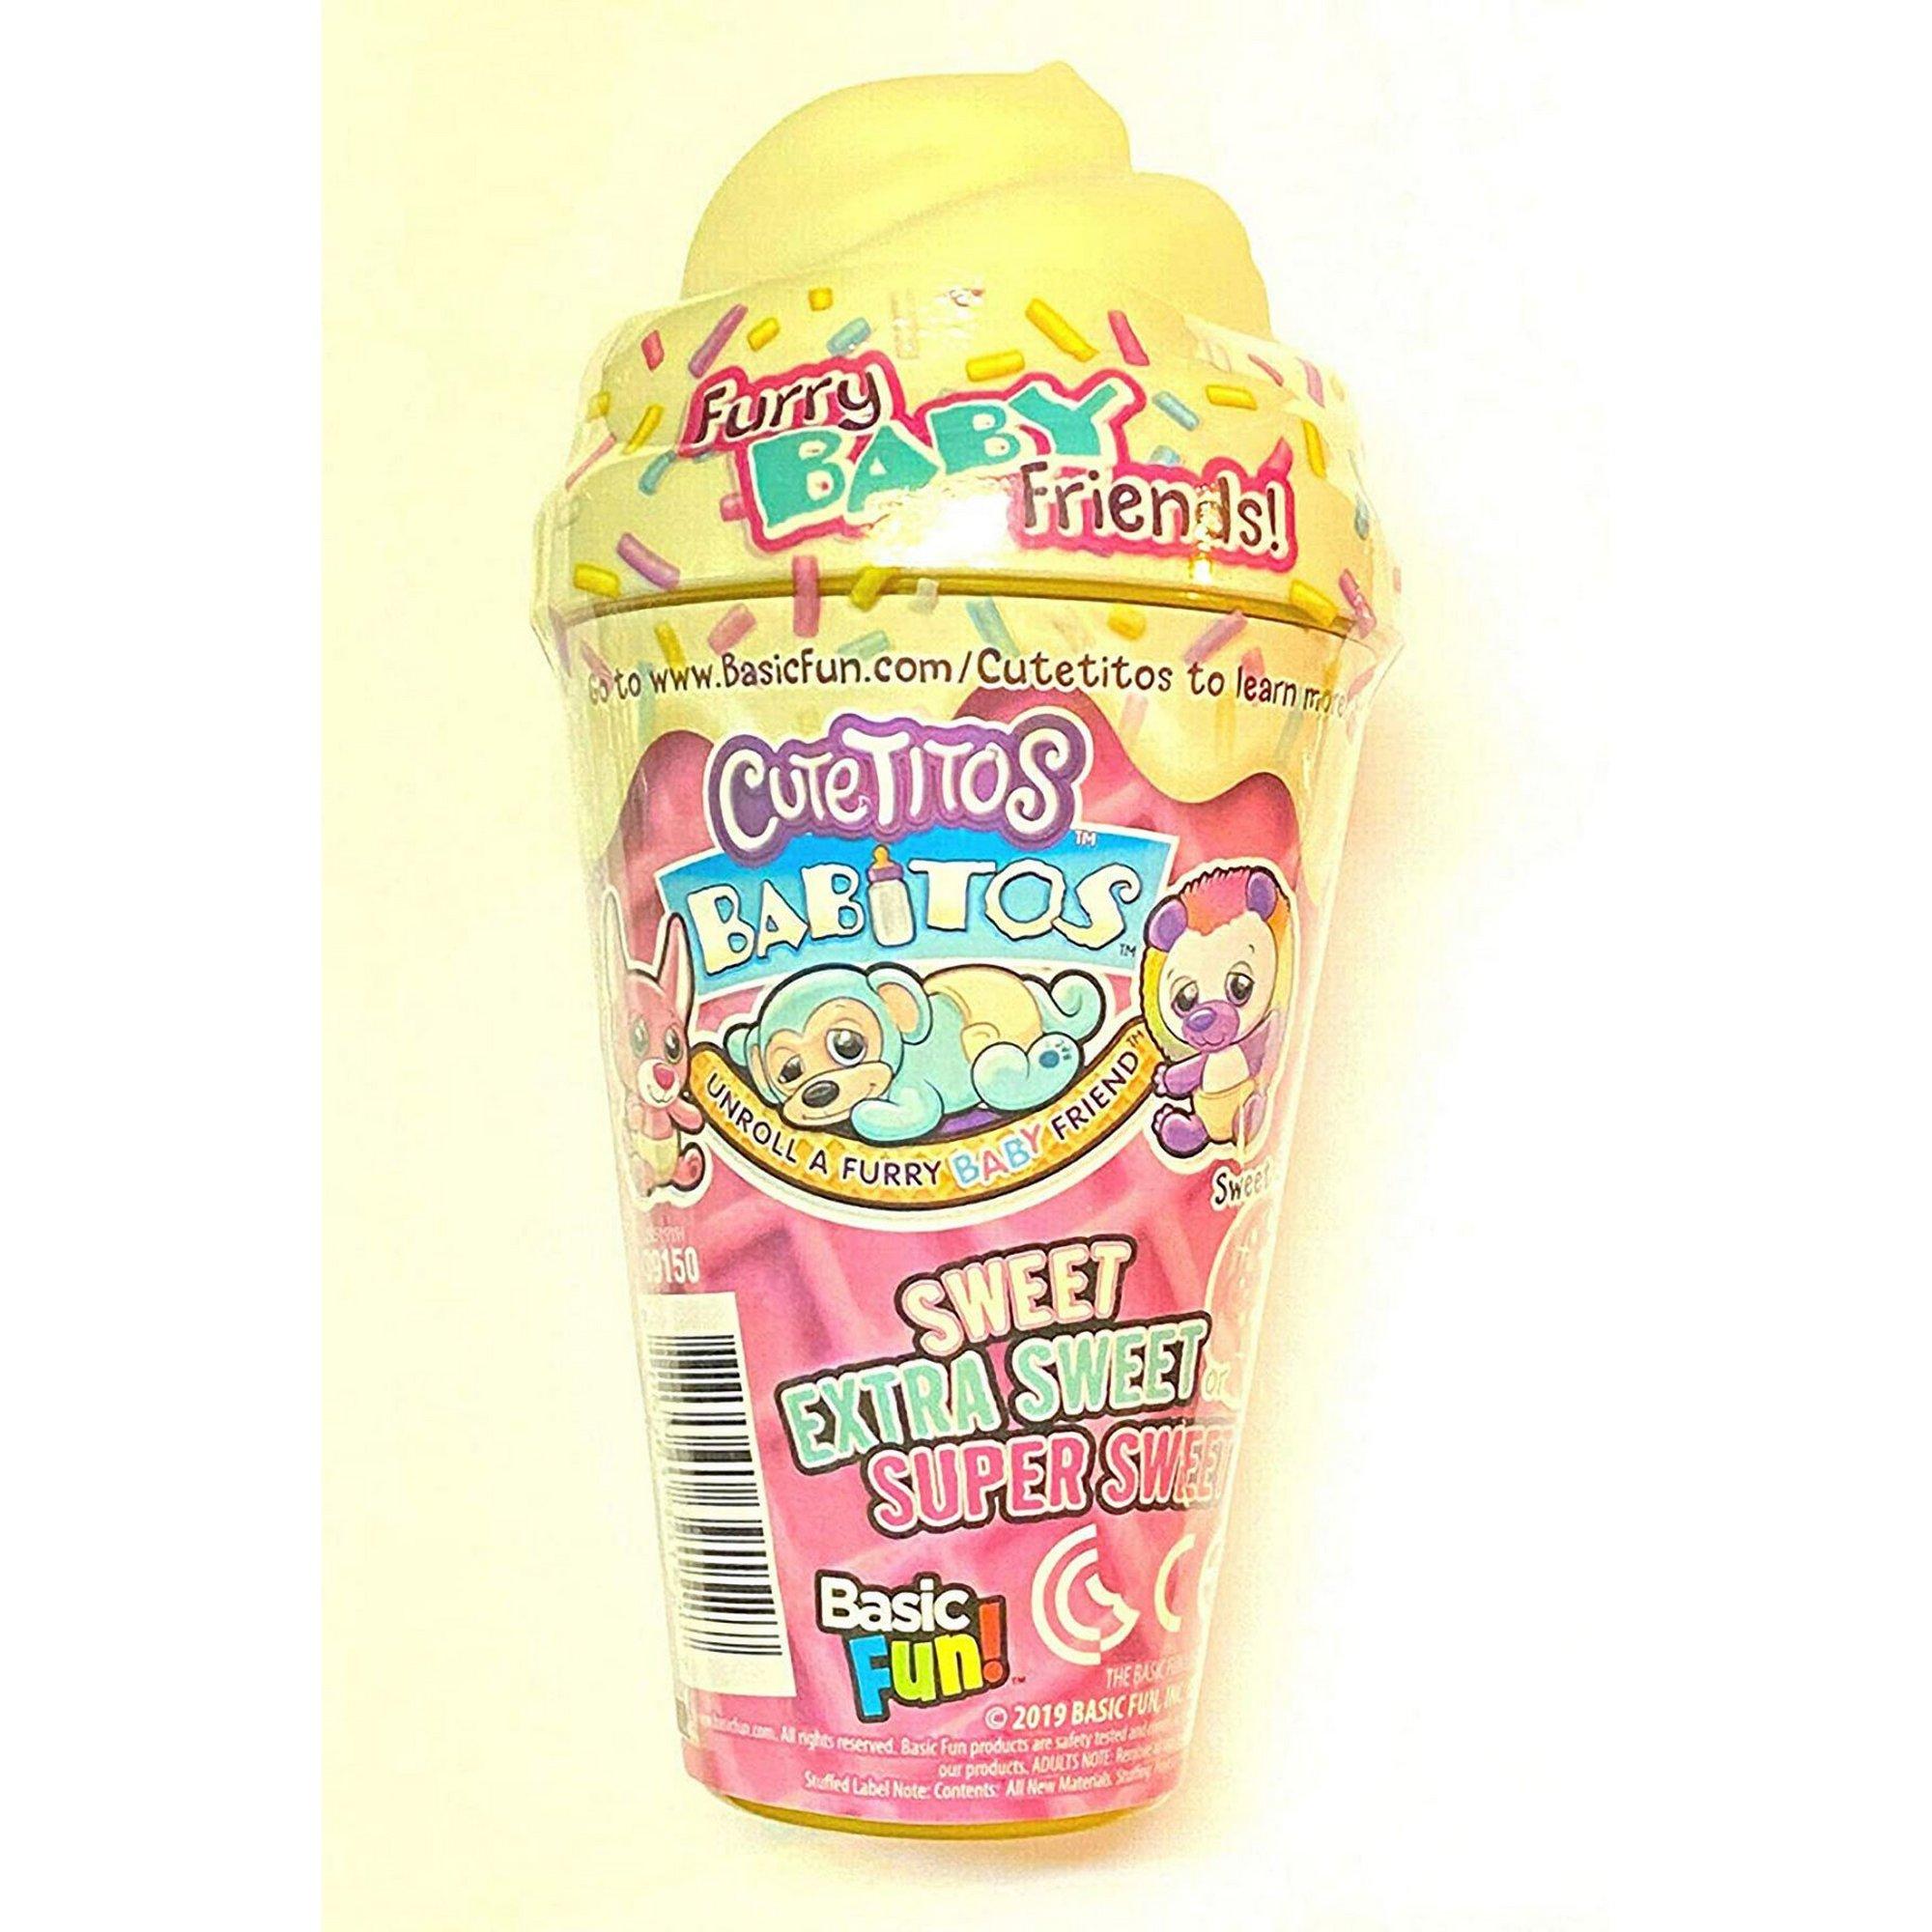 Image of Cutetitos Babitos Ice Creamitos Collectable Mystery Plush Toy - A...